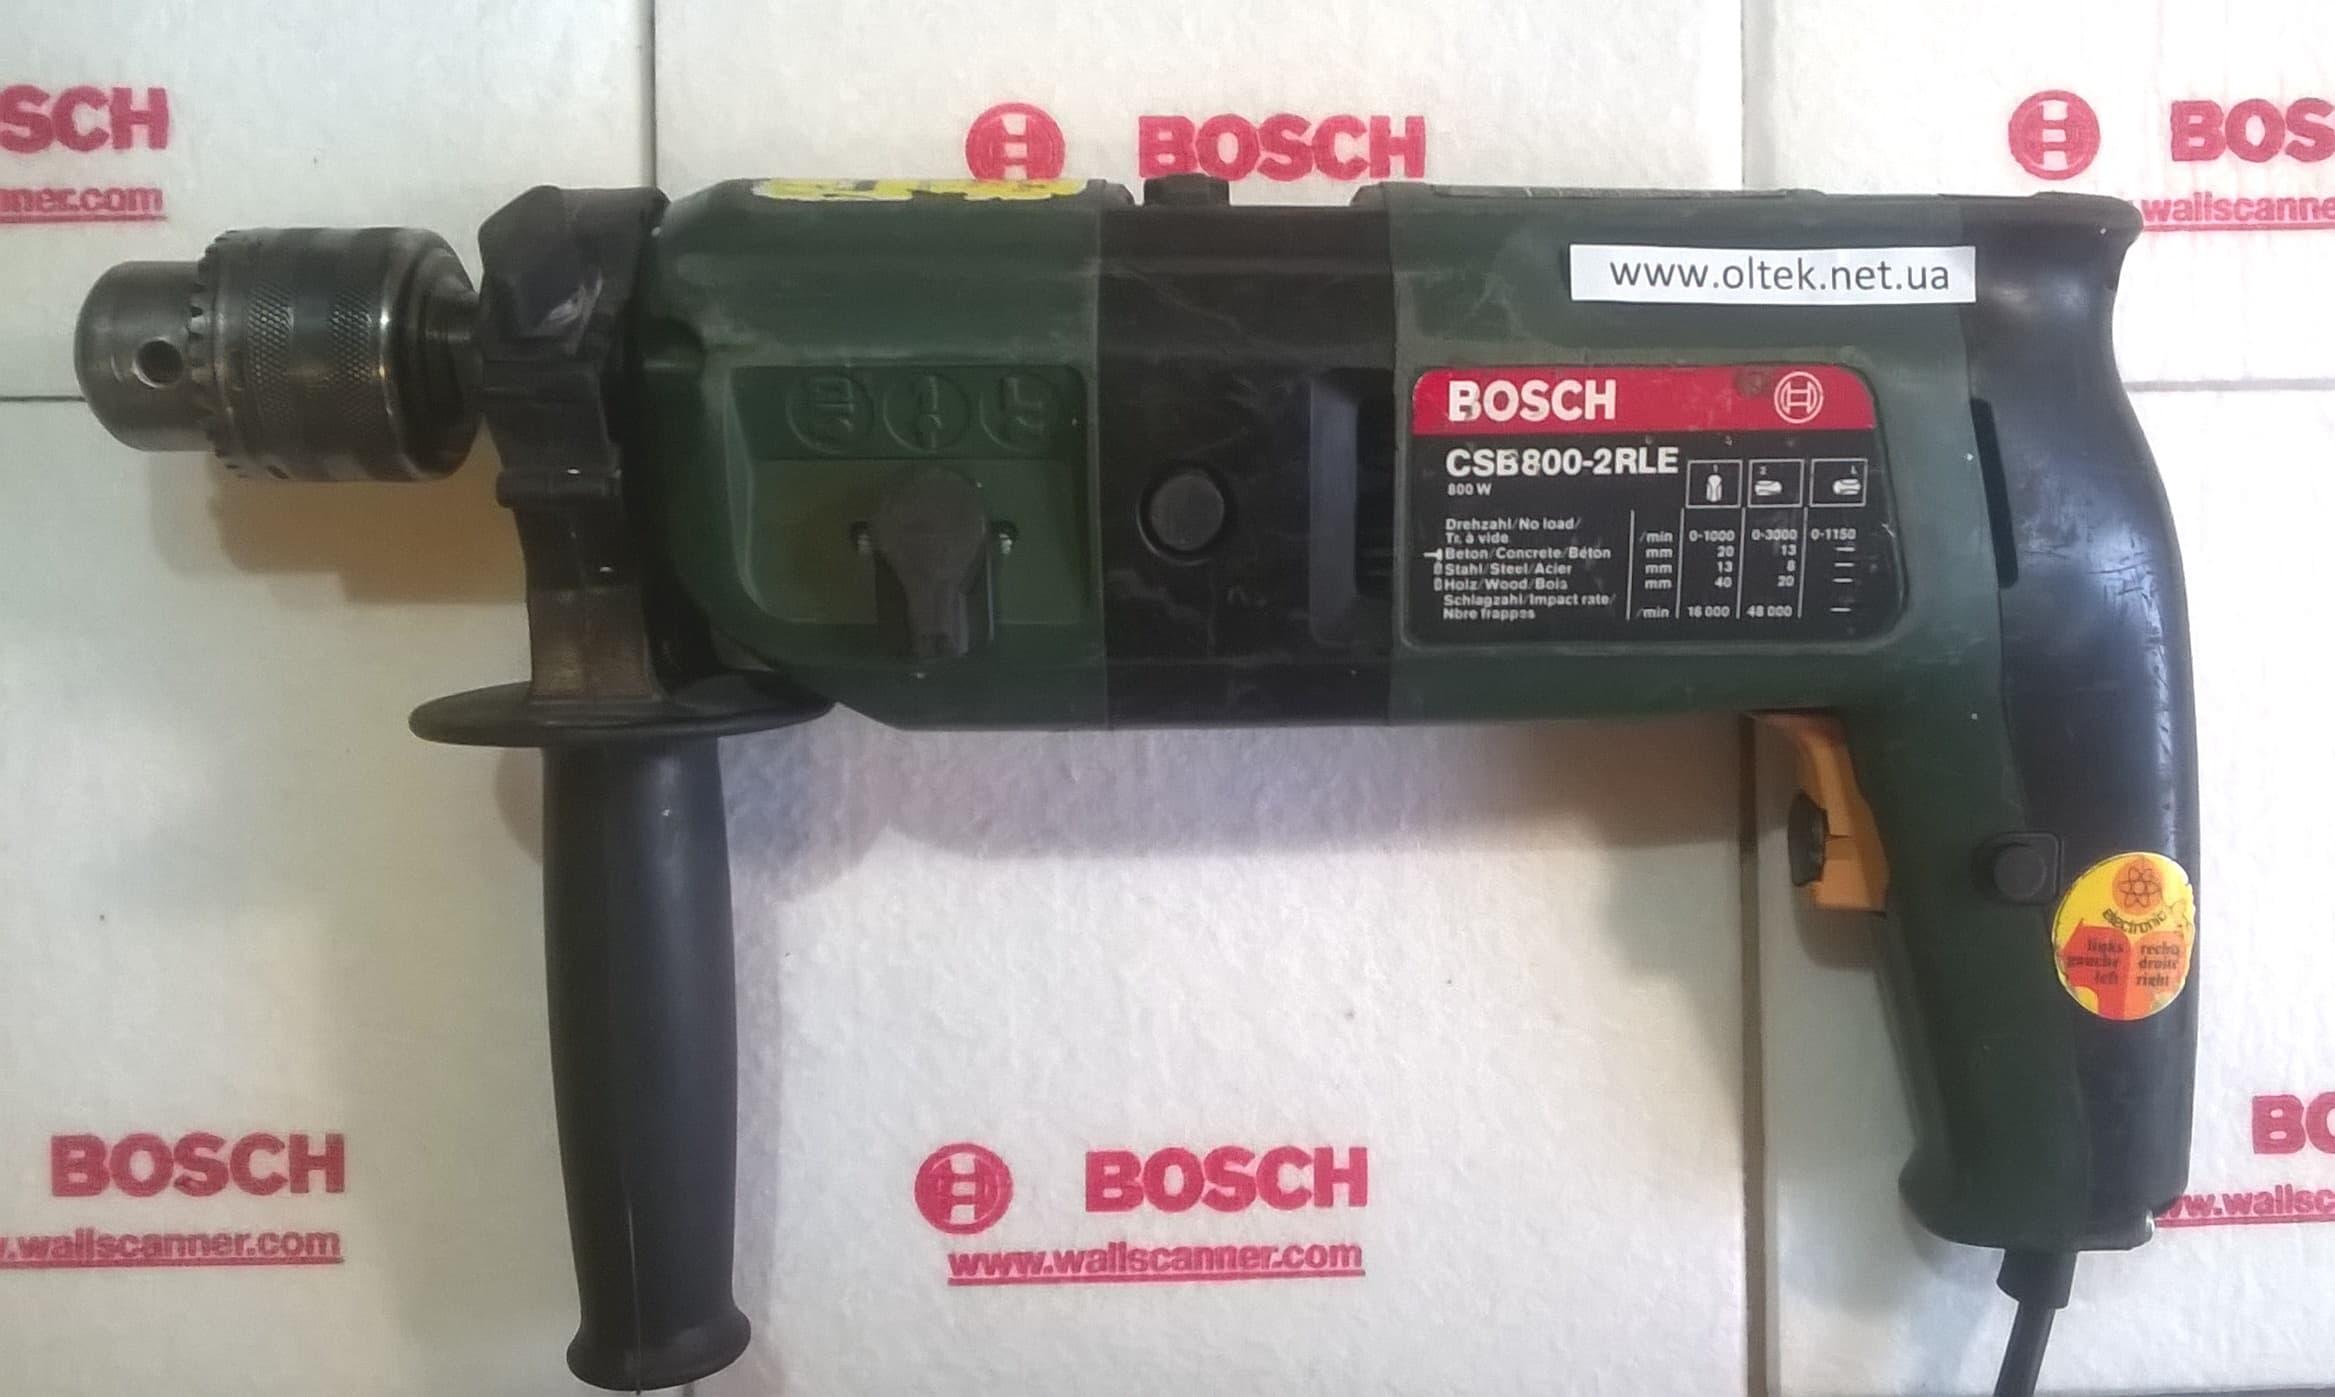 Bosch-CSB800-2RLE